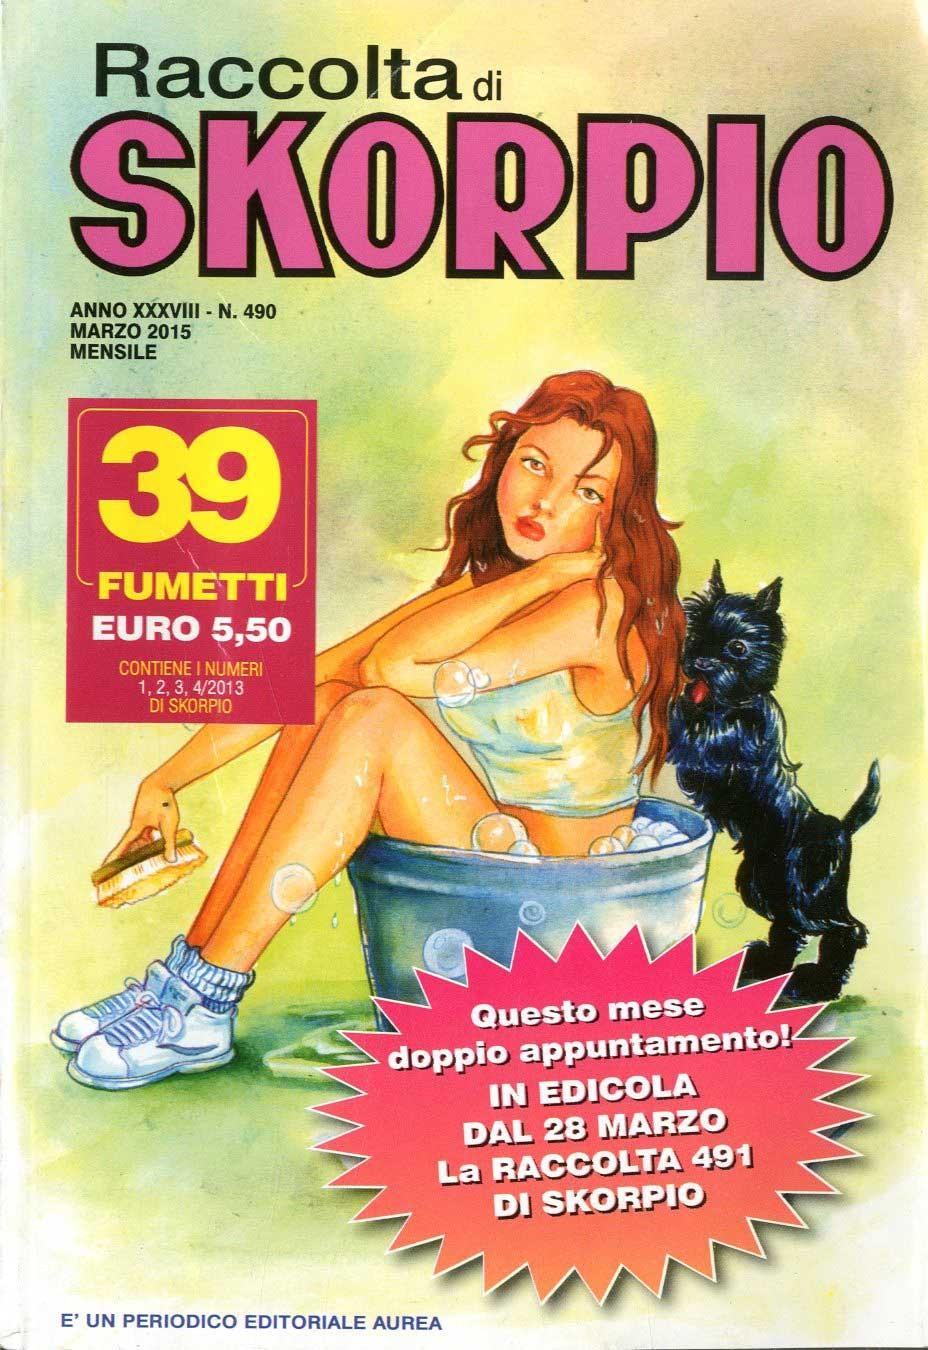 Skorpio Raccolta - N° 490 - Skorpio Raccolta - Editoriale Aurea